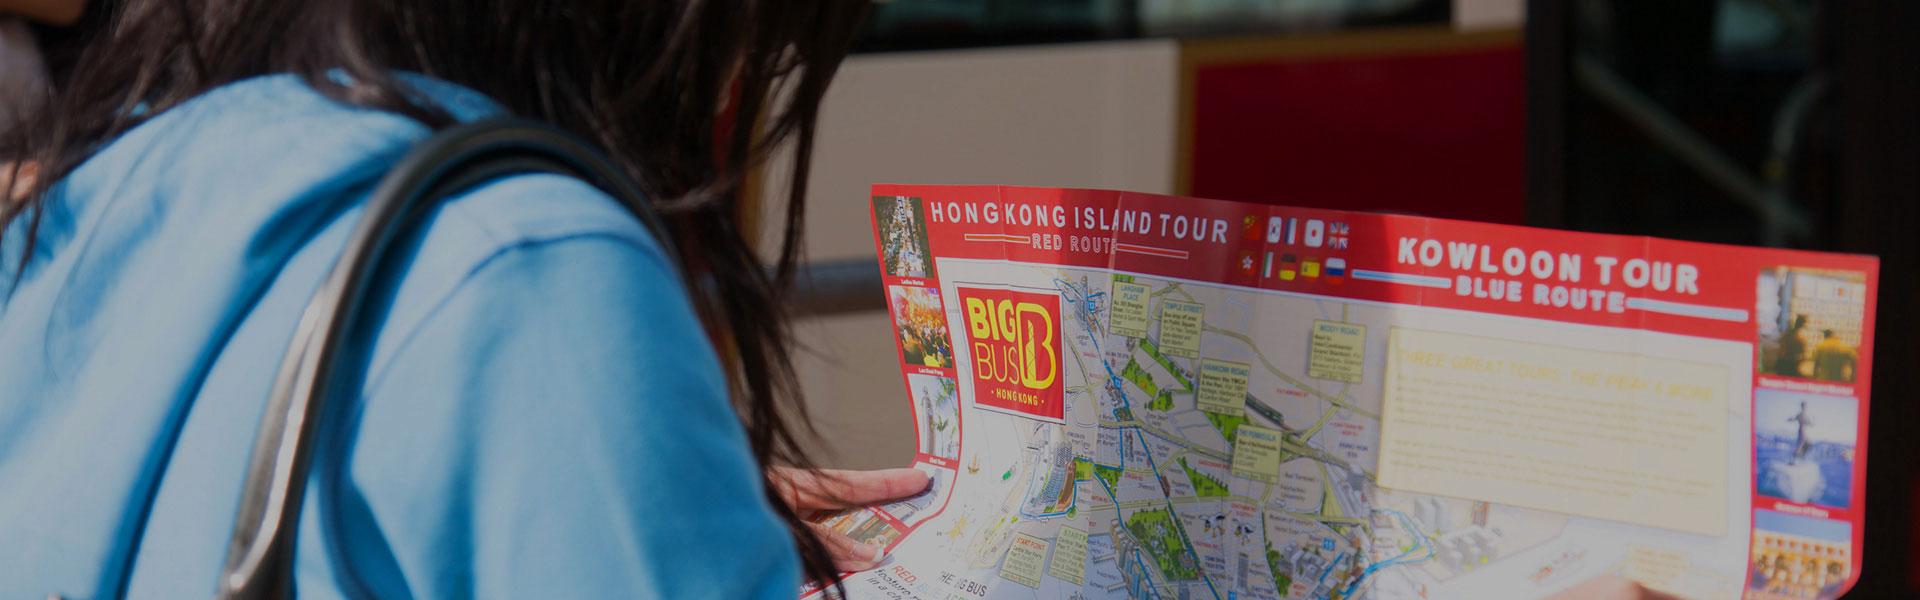 游客正在查看香港 Big Bus Tours 地图